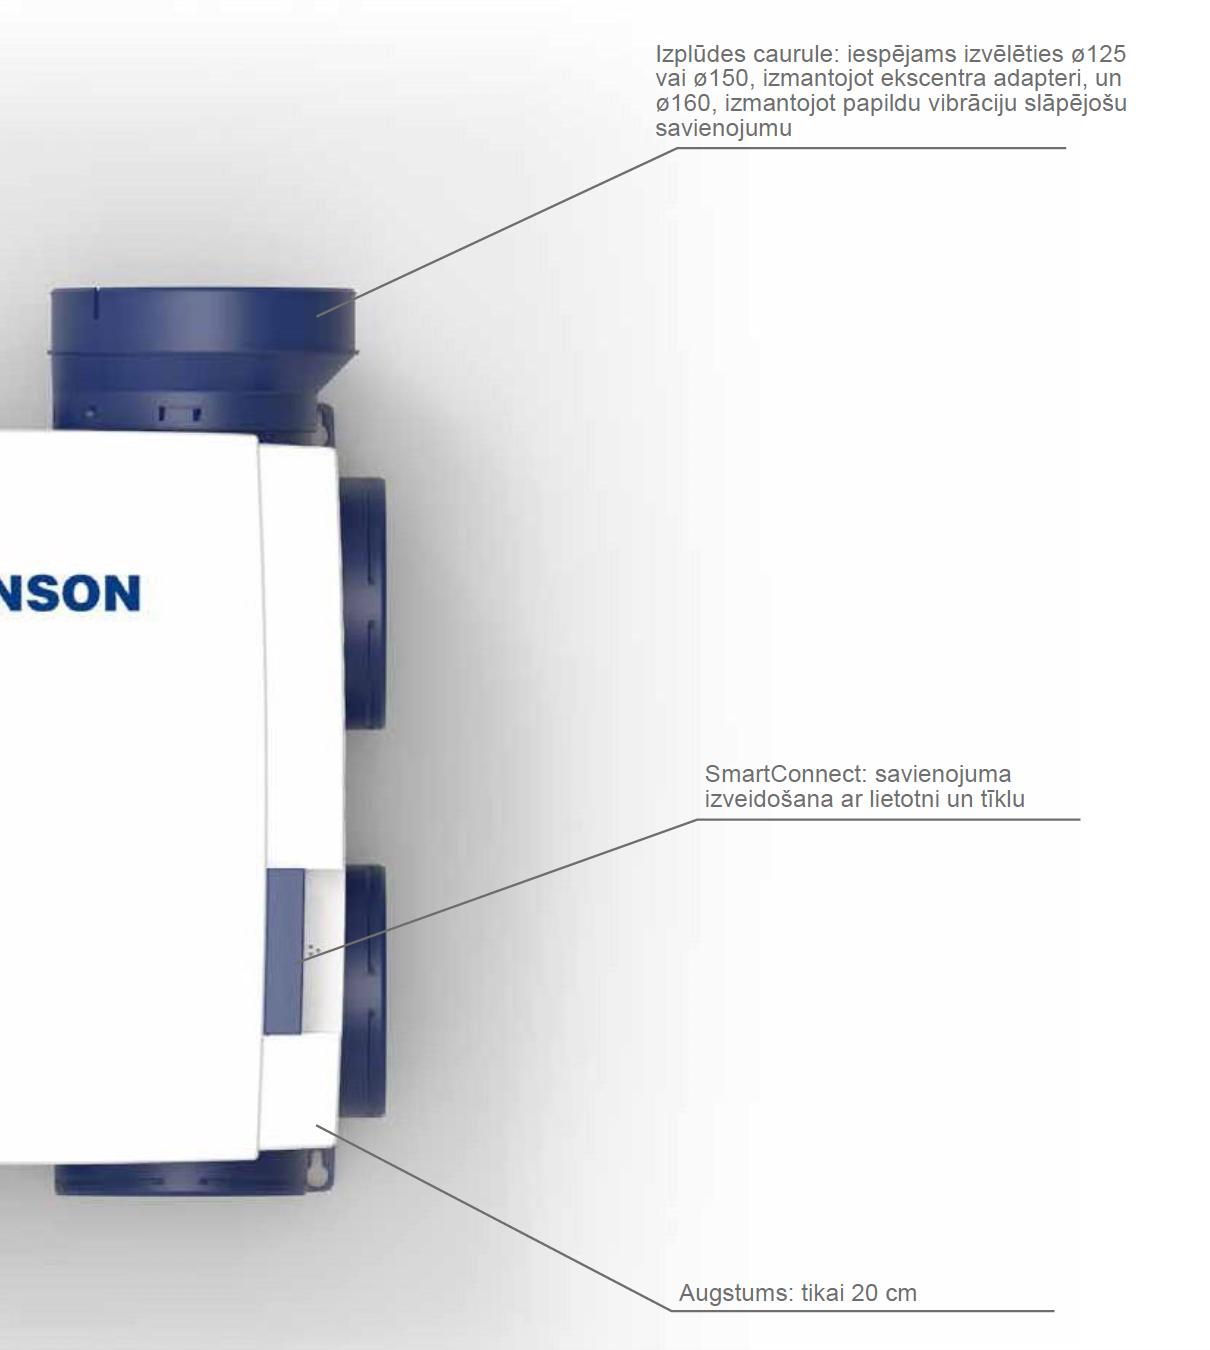 Ventilācija RENSON Healthbox 3.0 SmartConnect